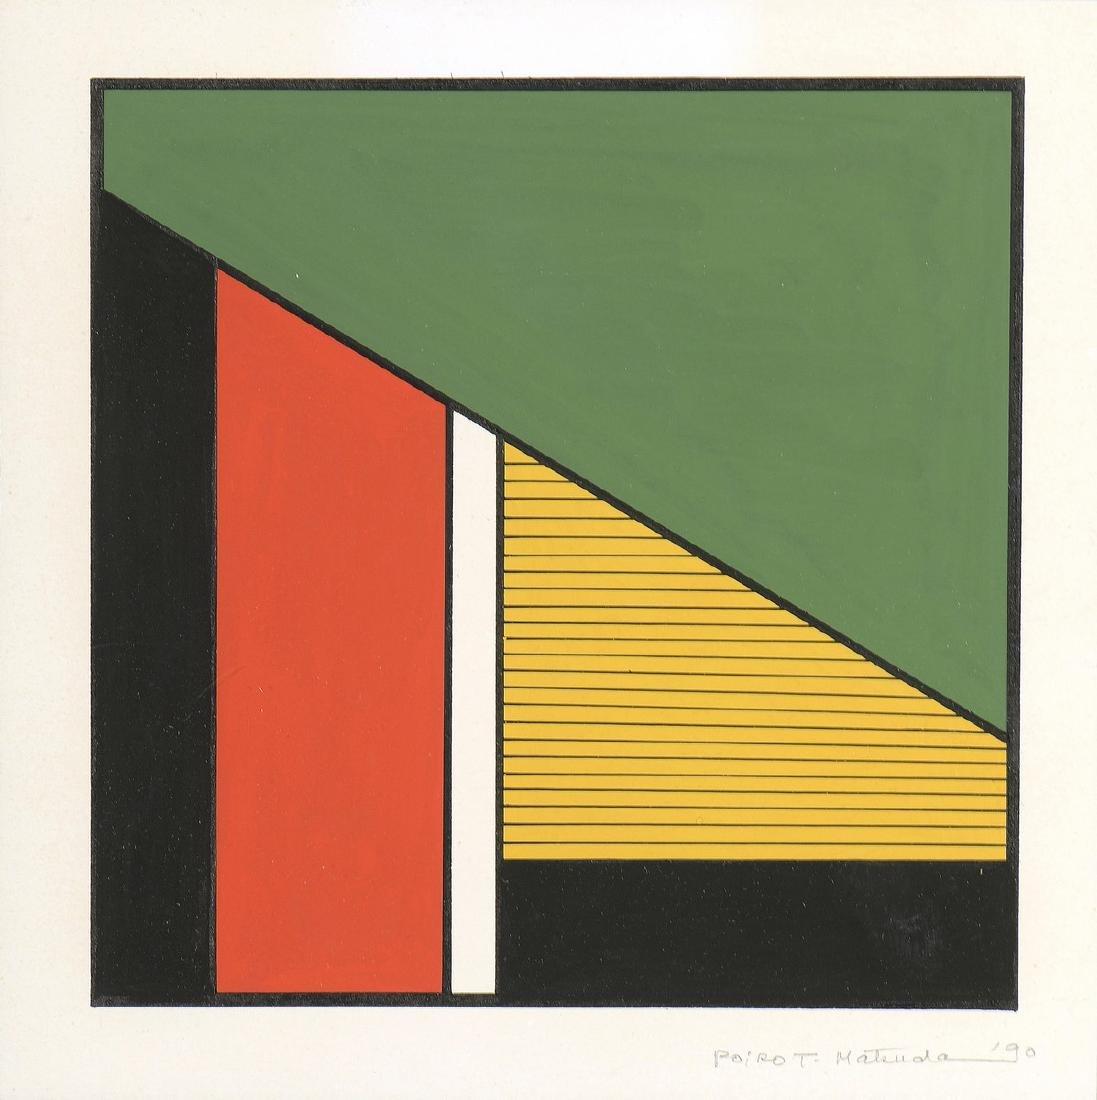 POIROT MATSUDA (Né en 1940)  Sans titre , 1990